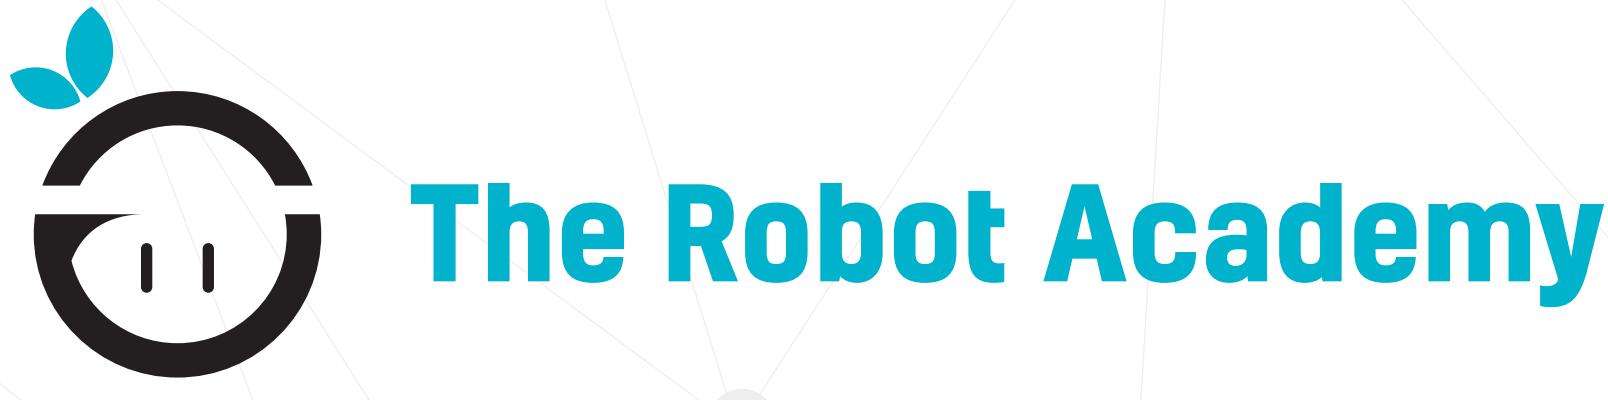 Logotipo The Robot Academy El Cubo Andalucía Open Future